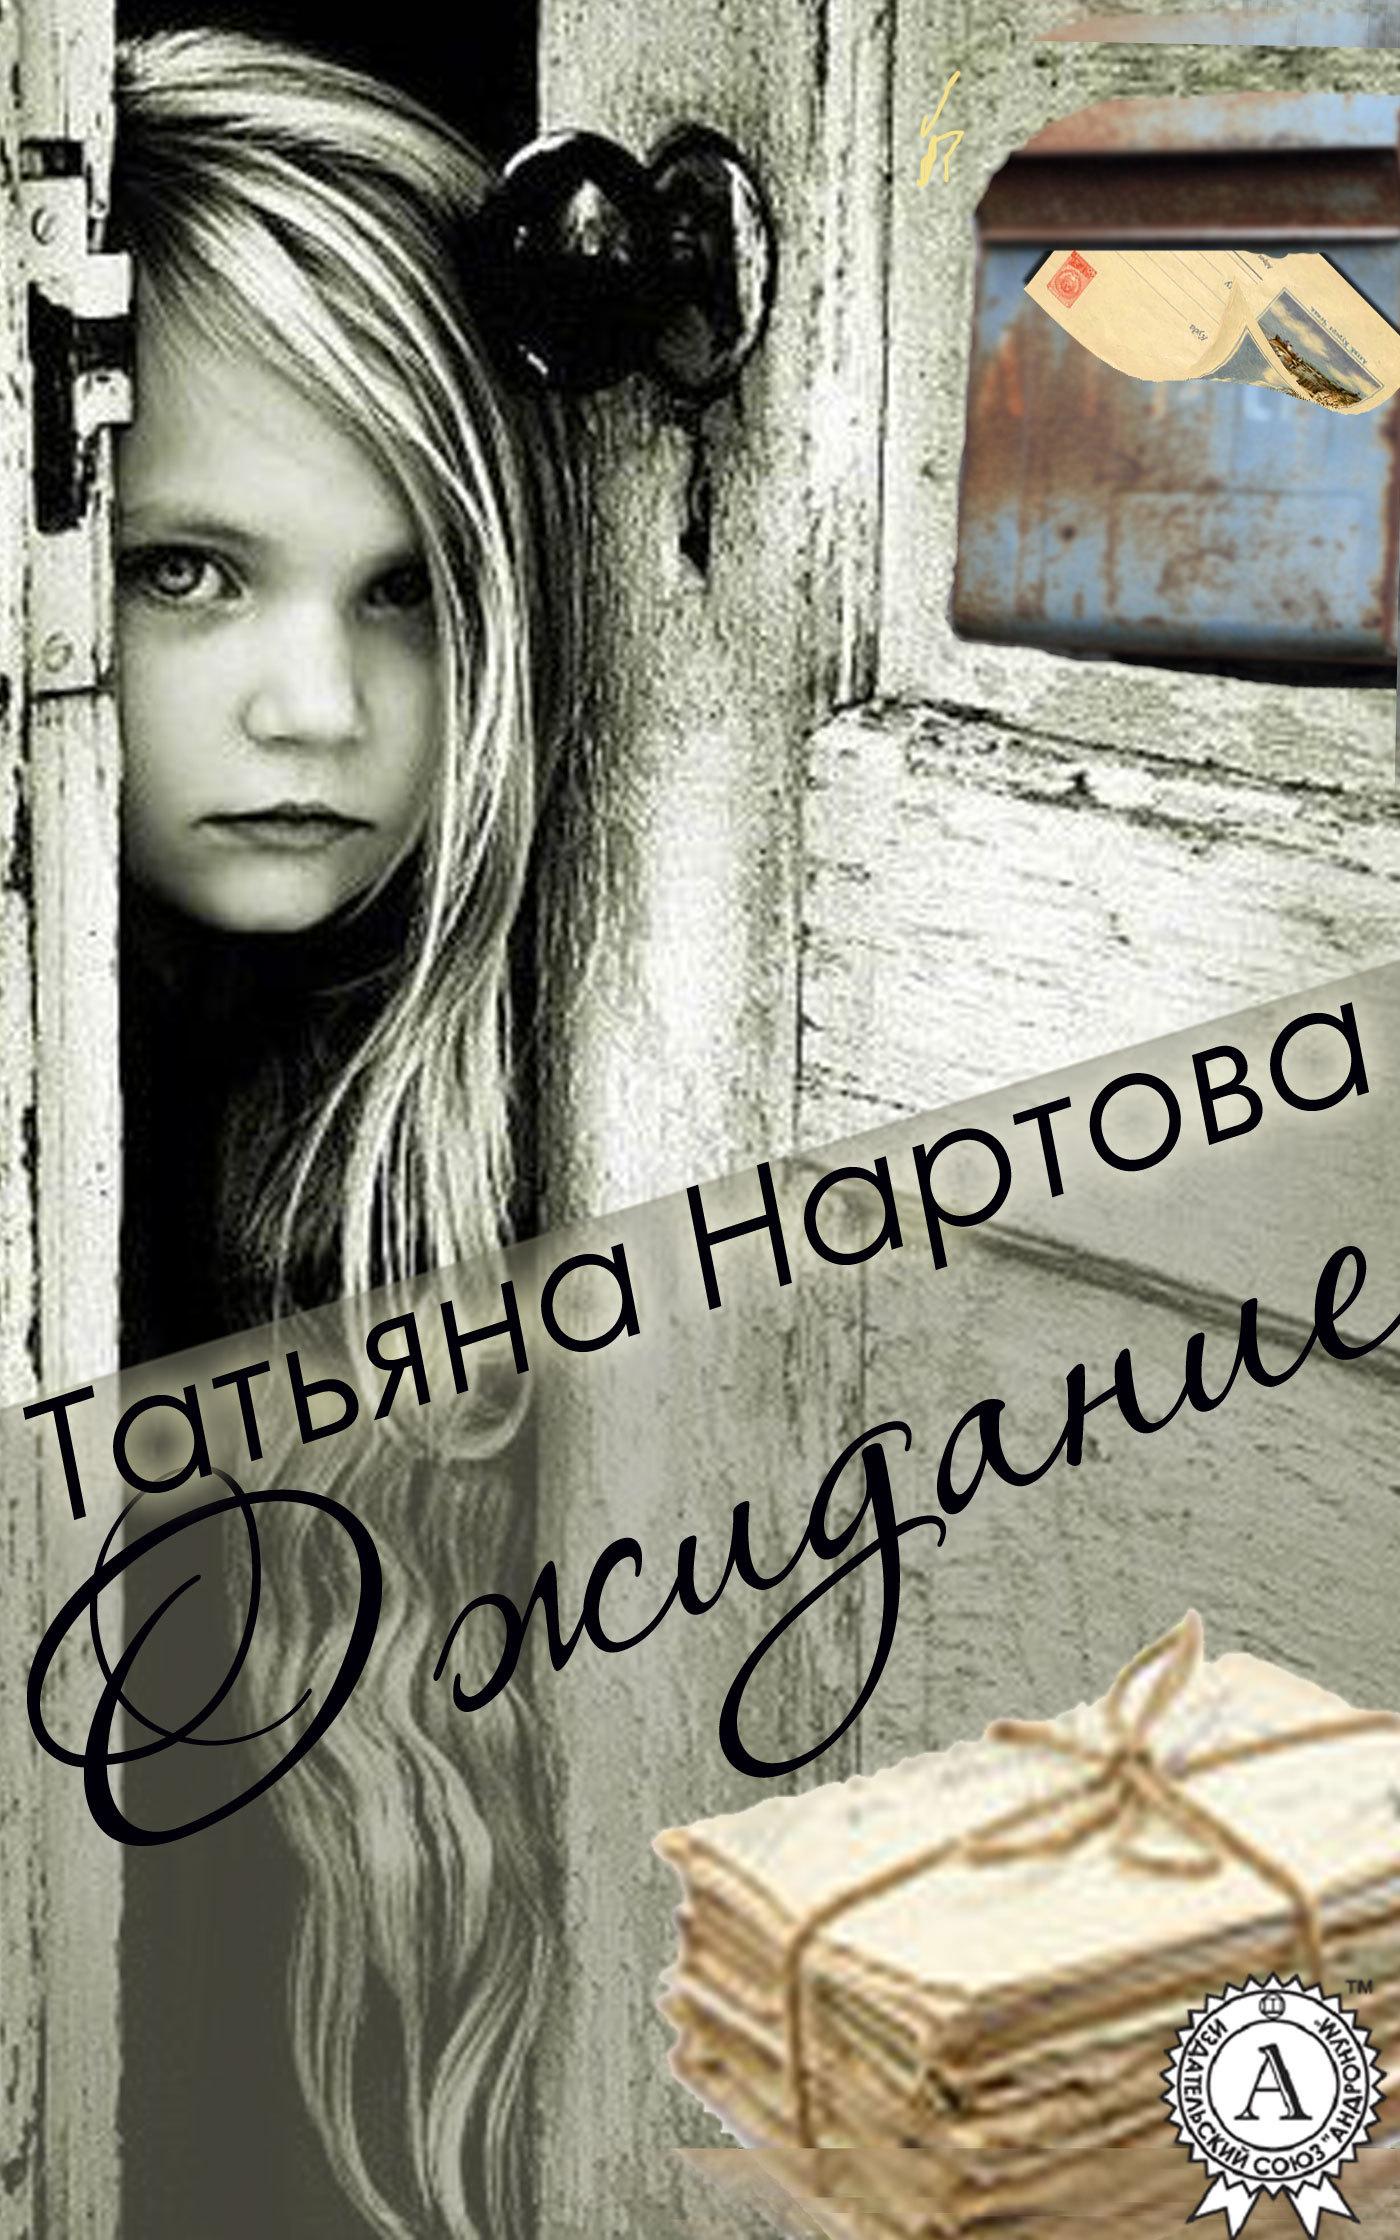 Татьяна Нартова - Ожидание